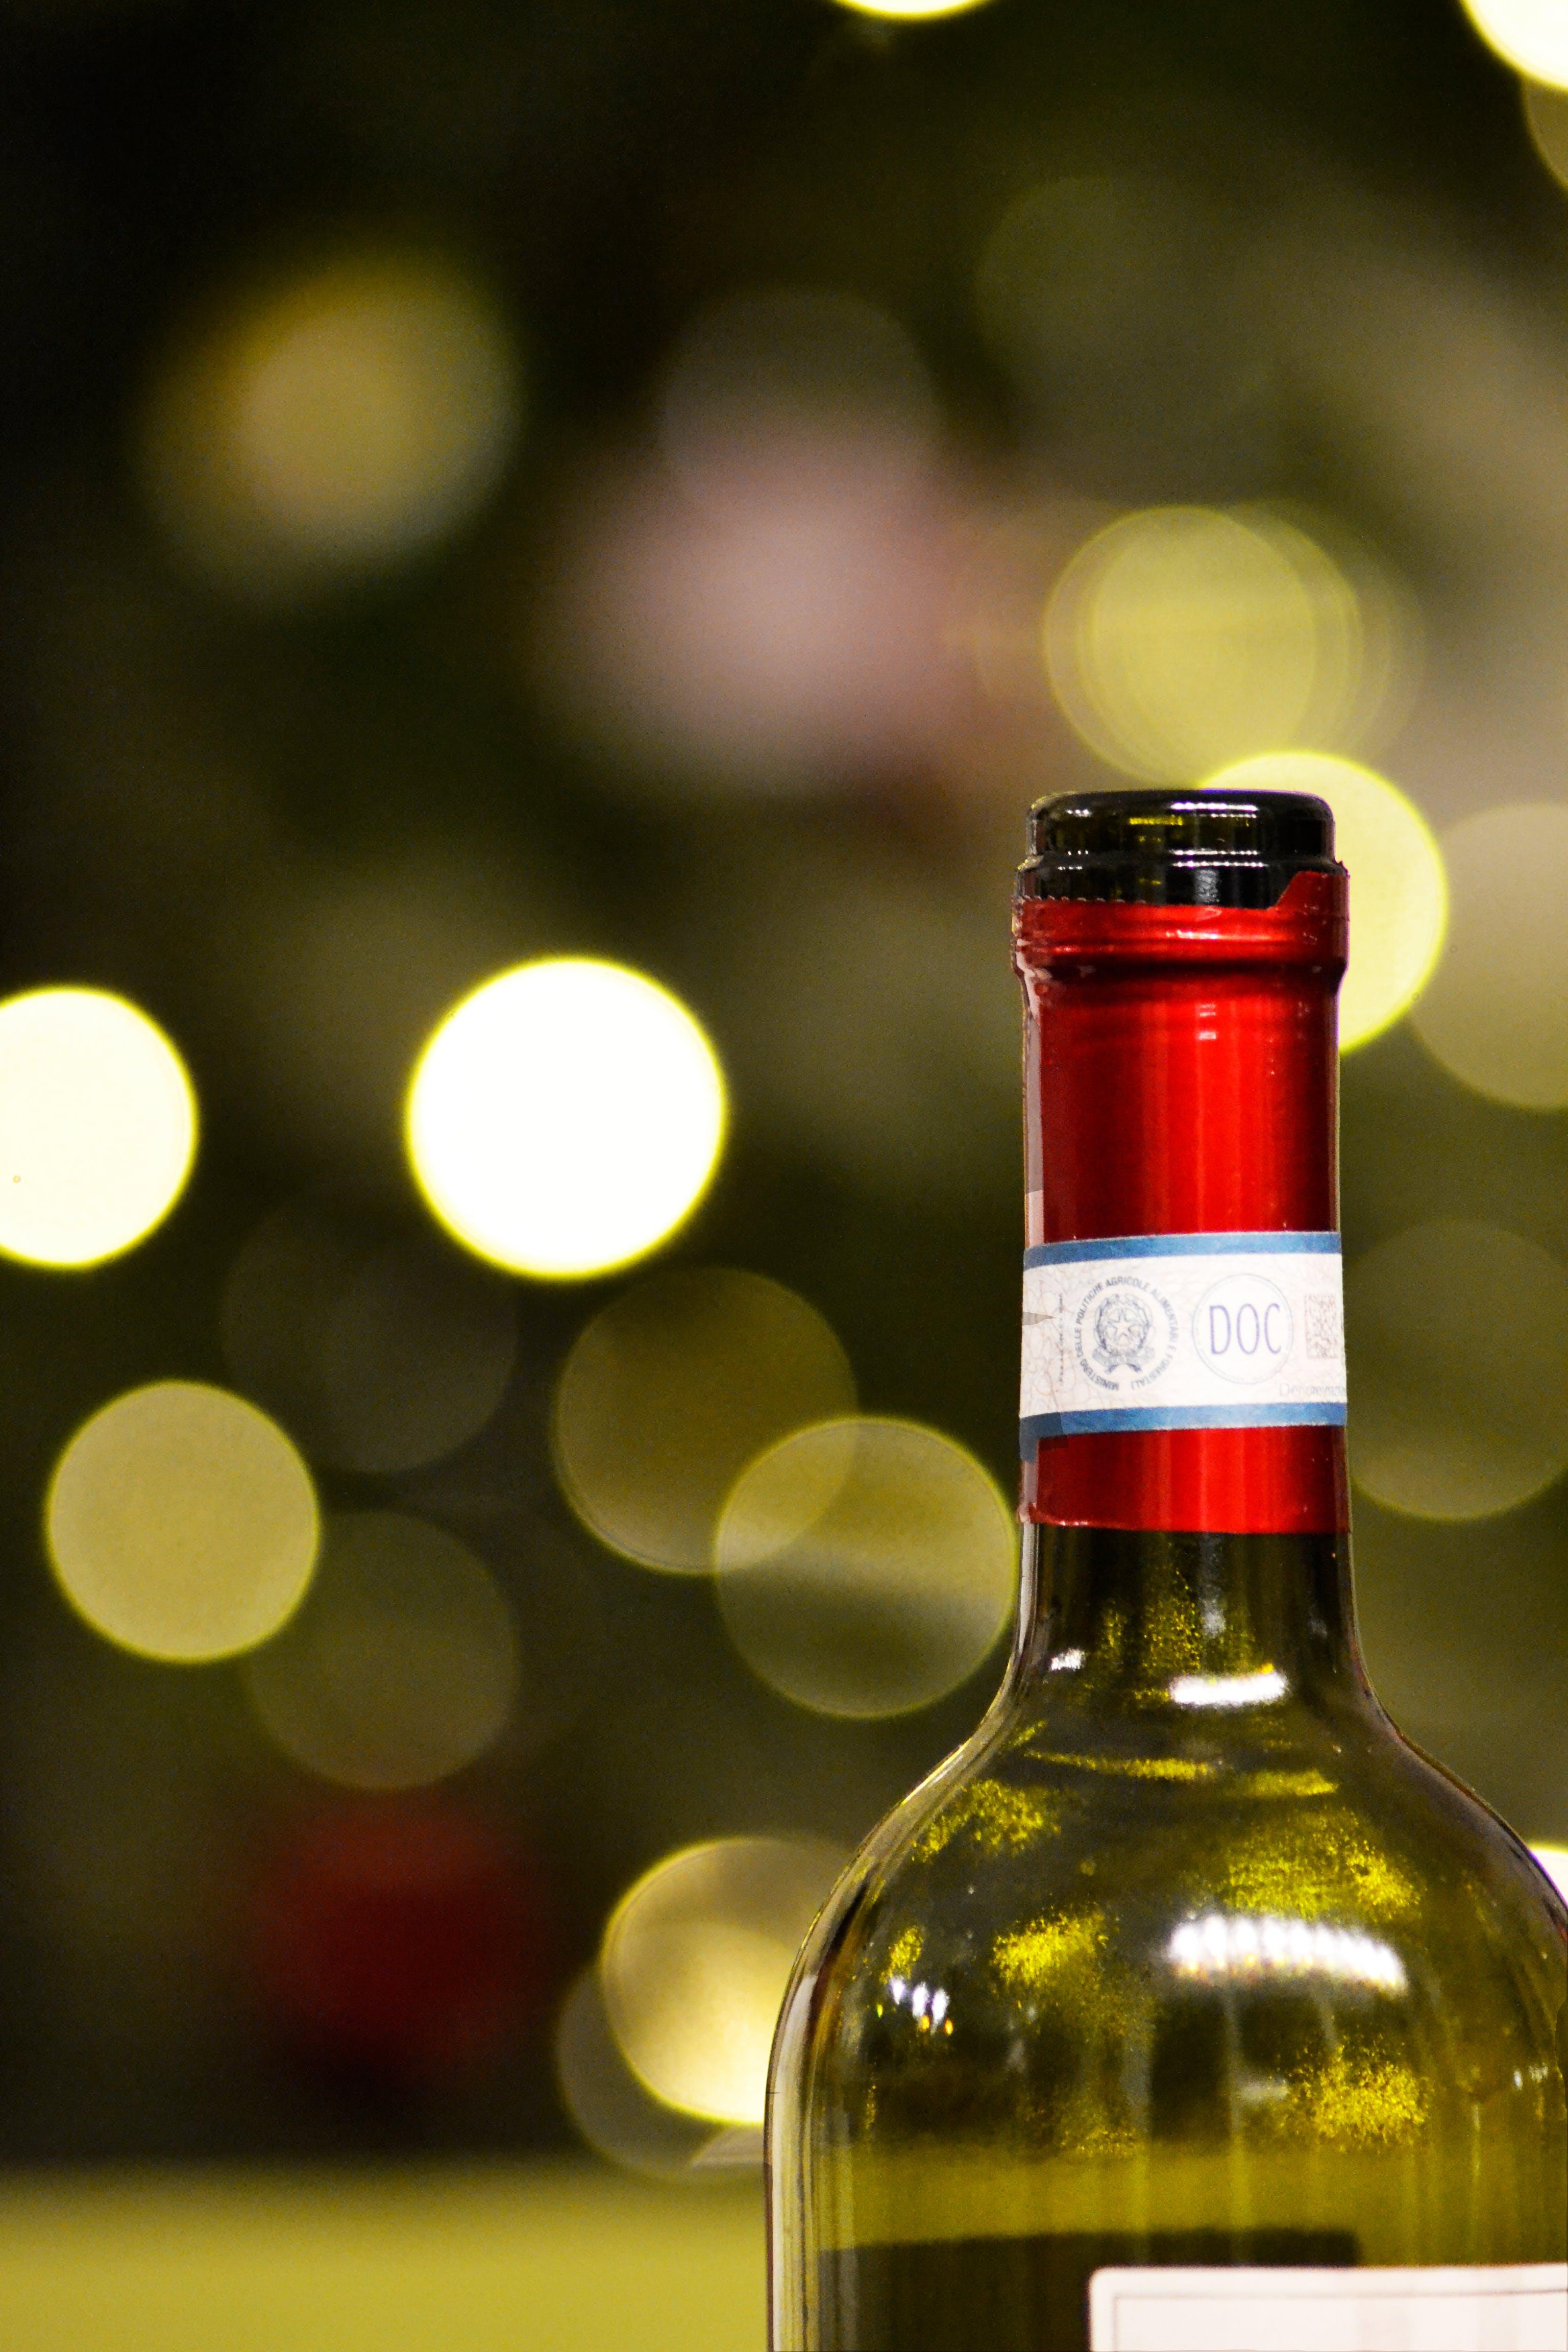 Gratis stockfoto met drinken, fles, macro, onscherp